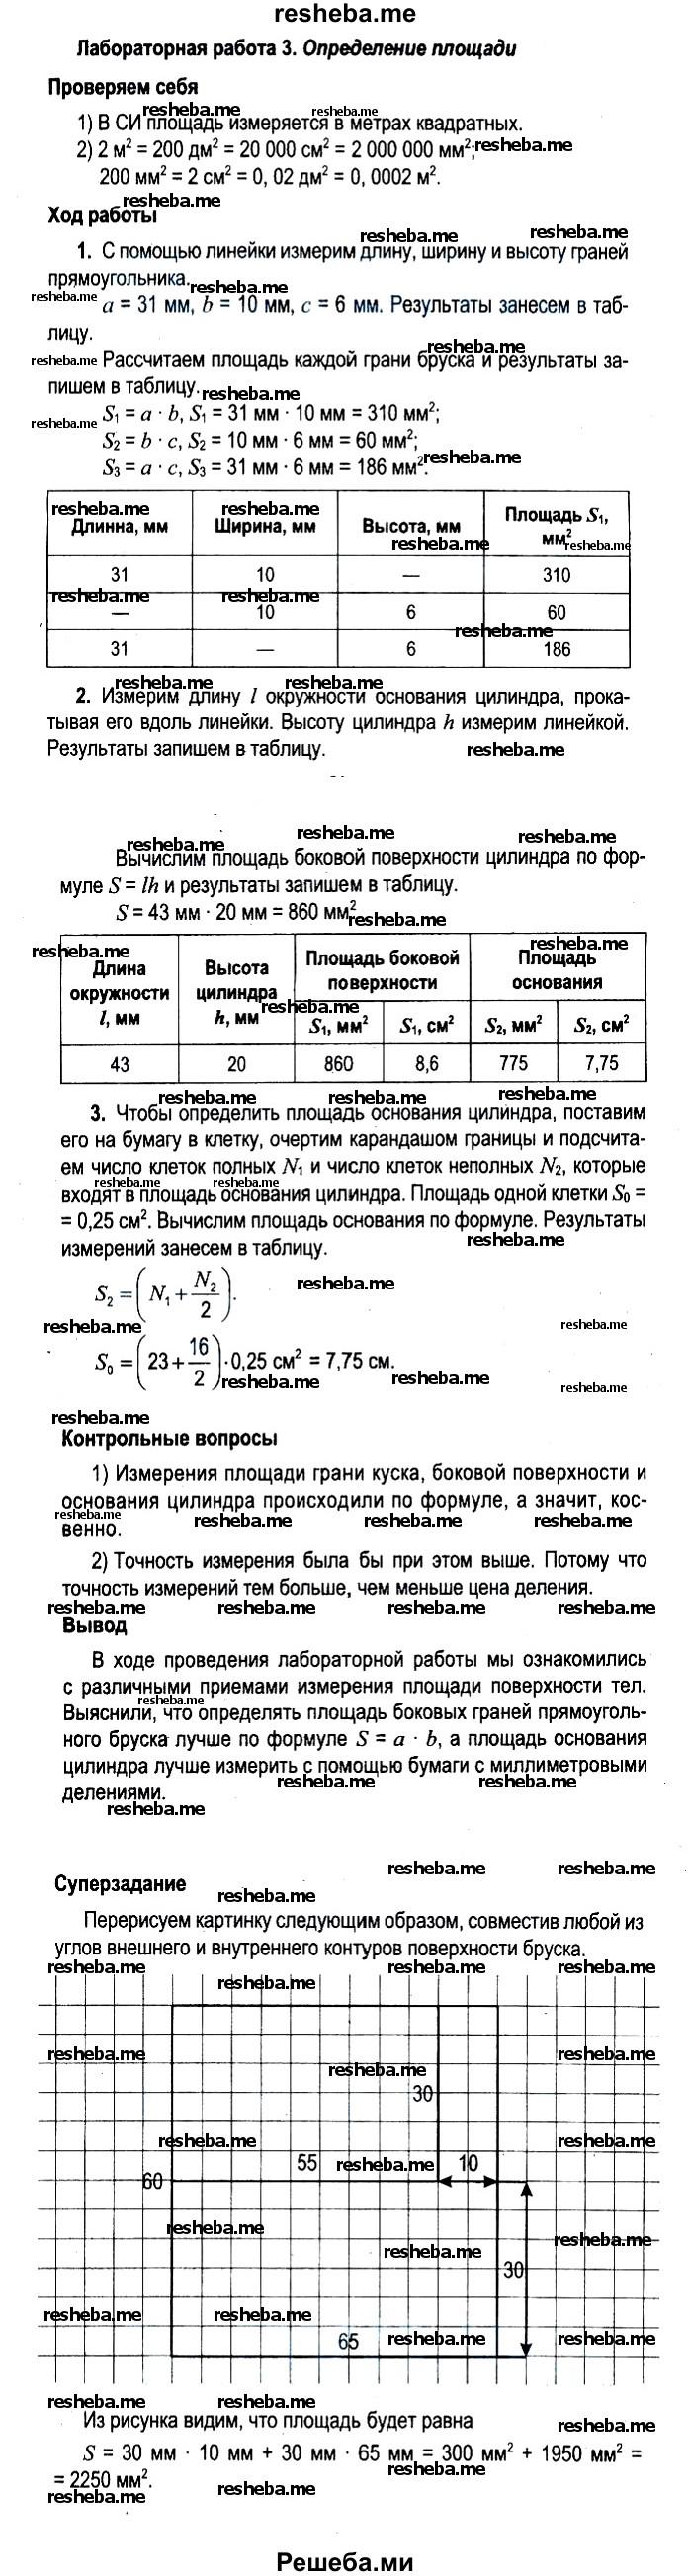 Гдз по физике лабораторная работа 8 класс астахова ответы